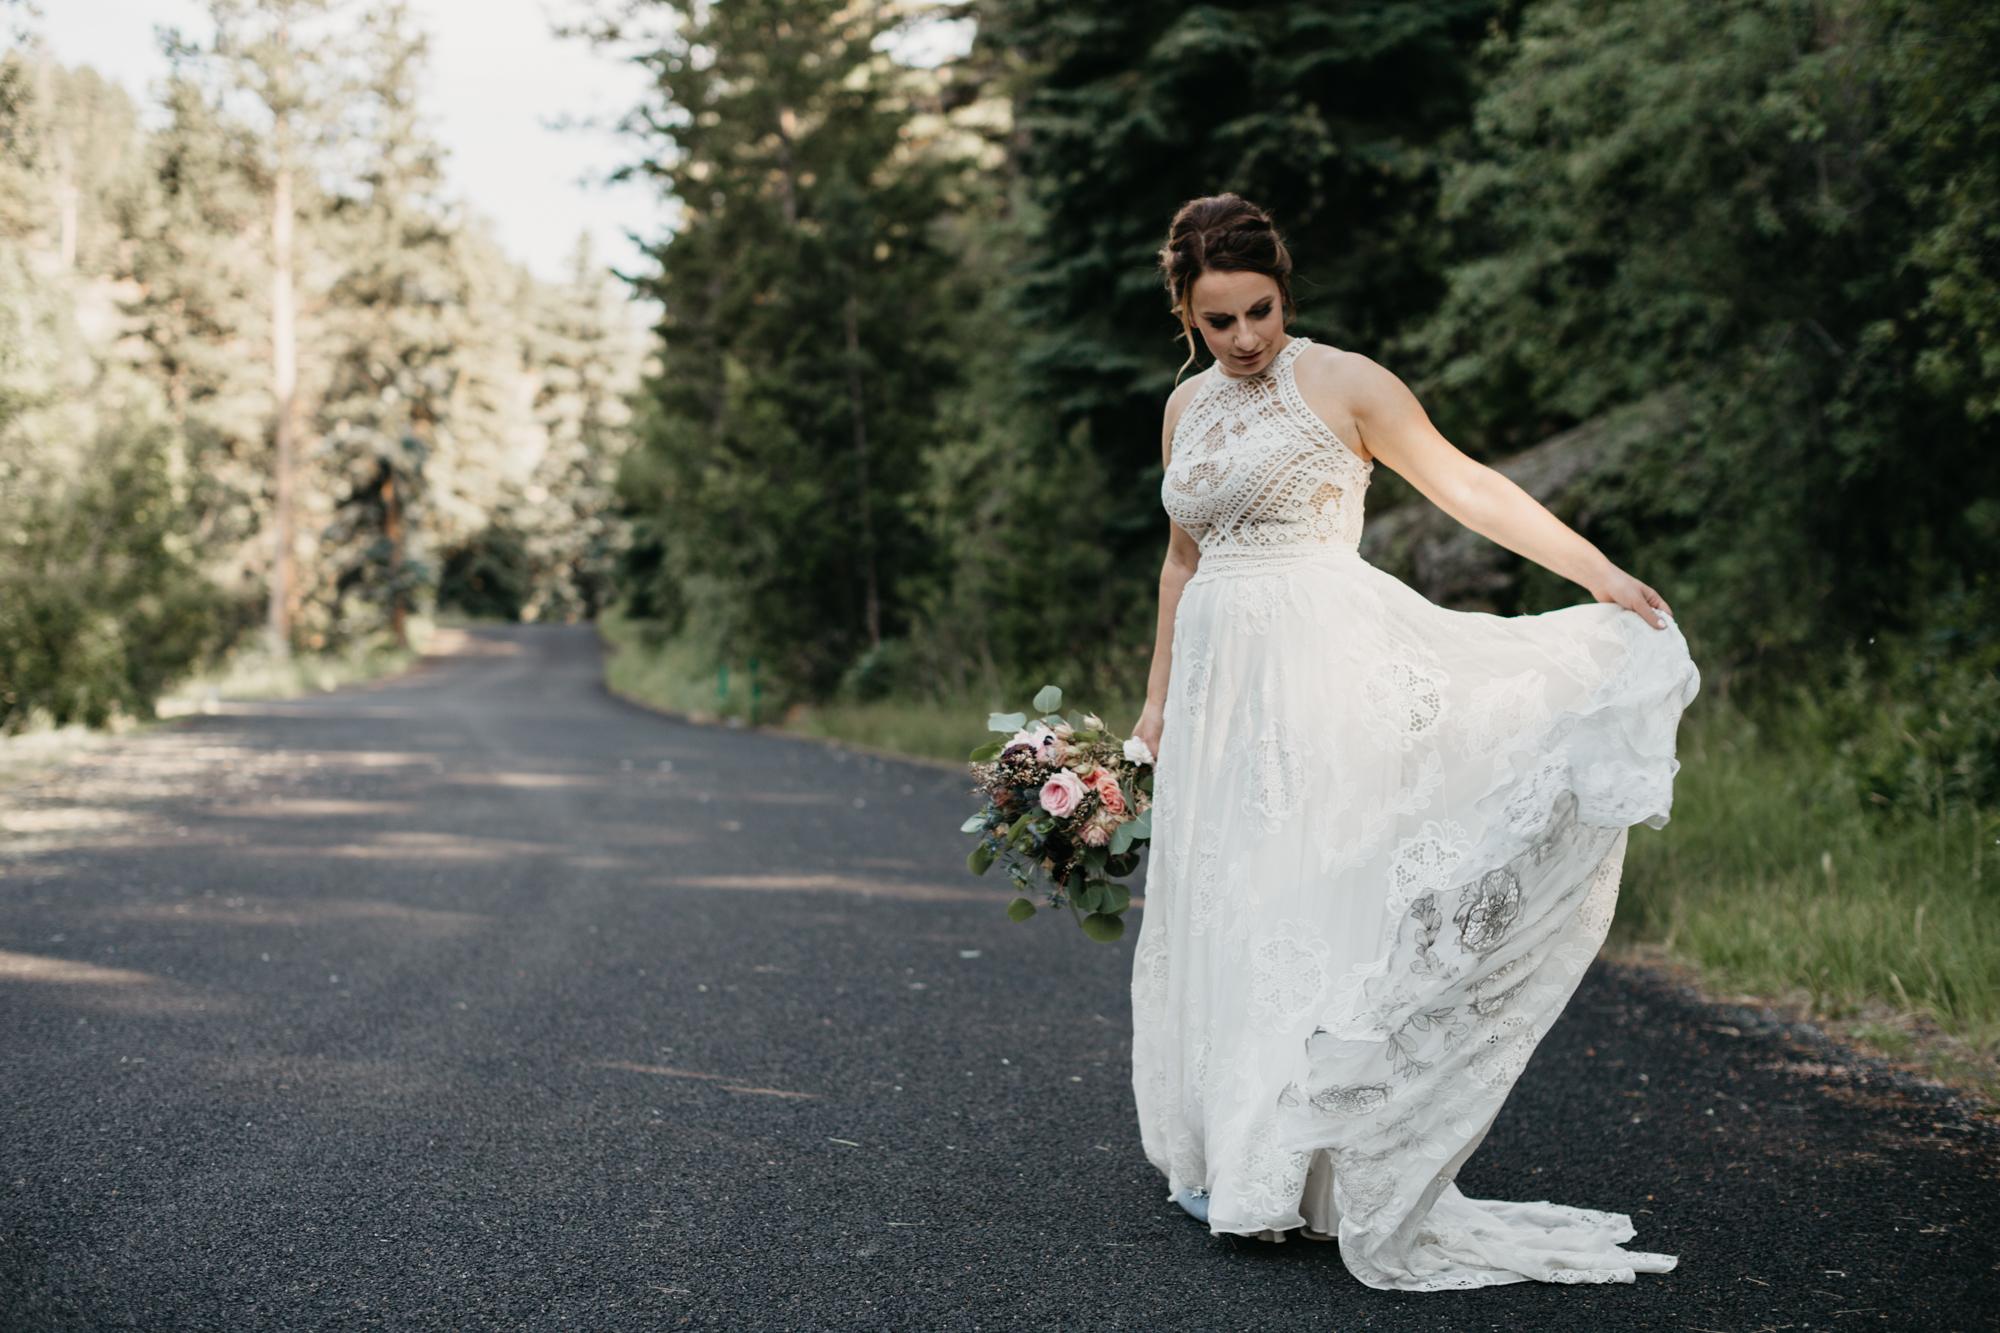 Katie+Devinthebride+groom-14.jpg